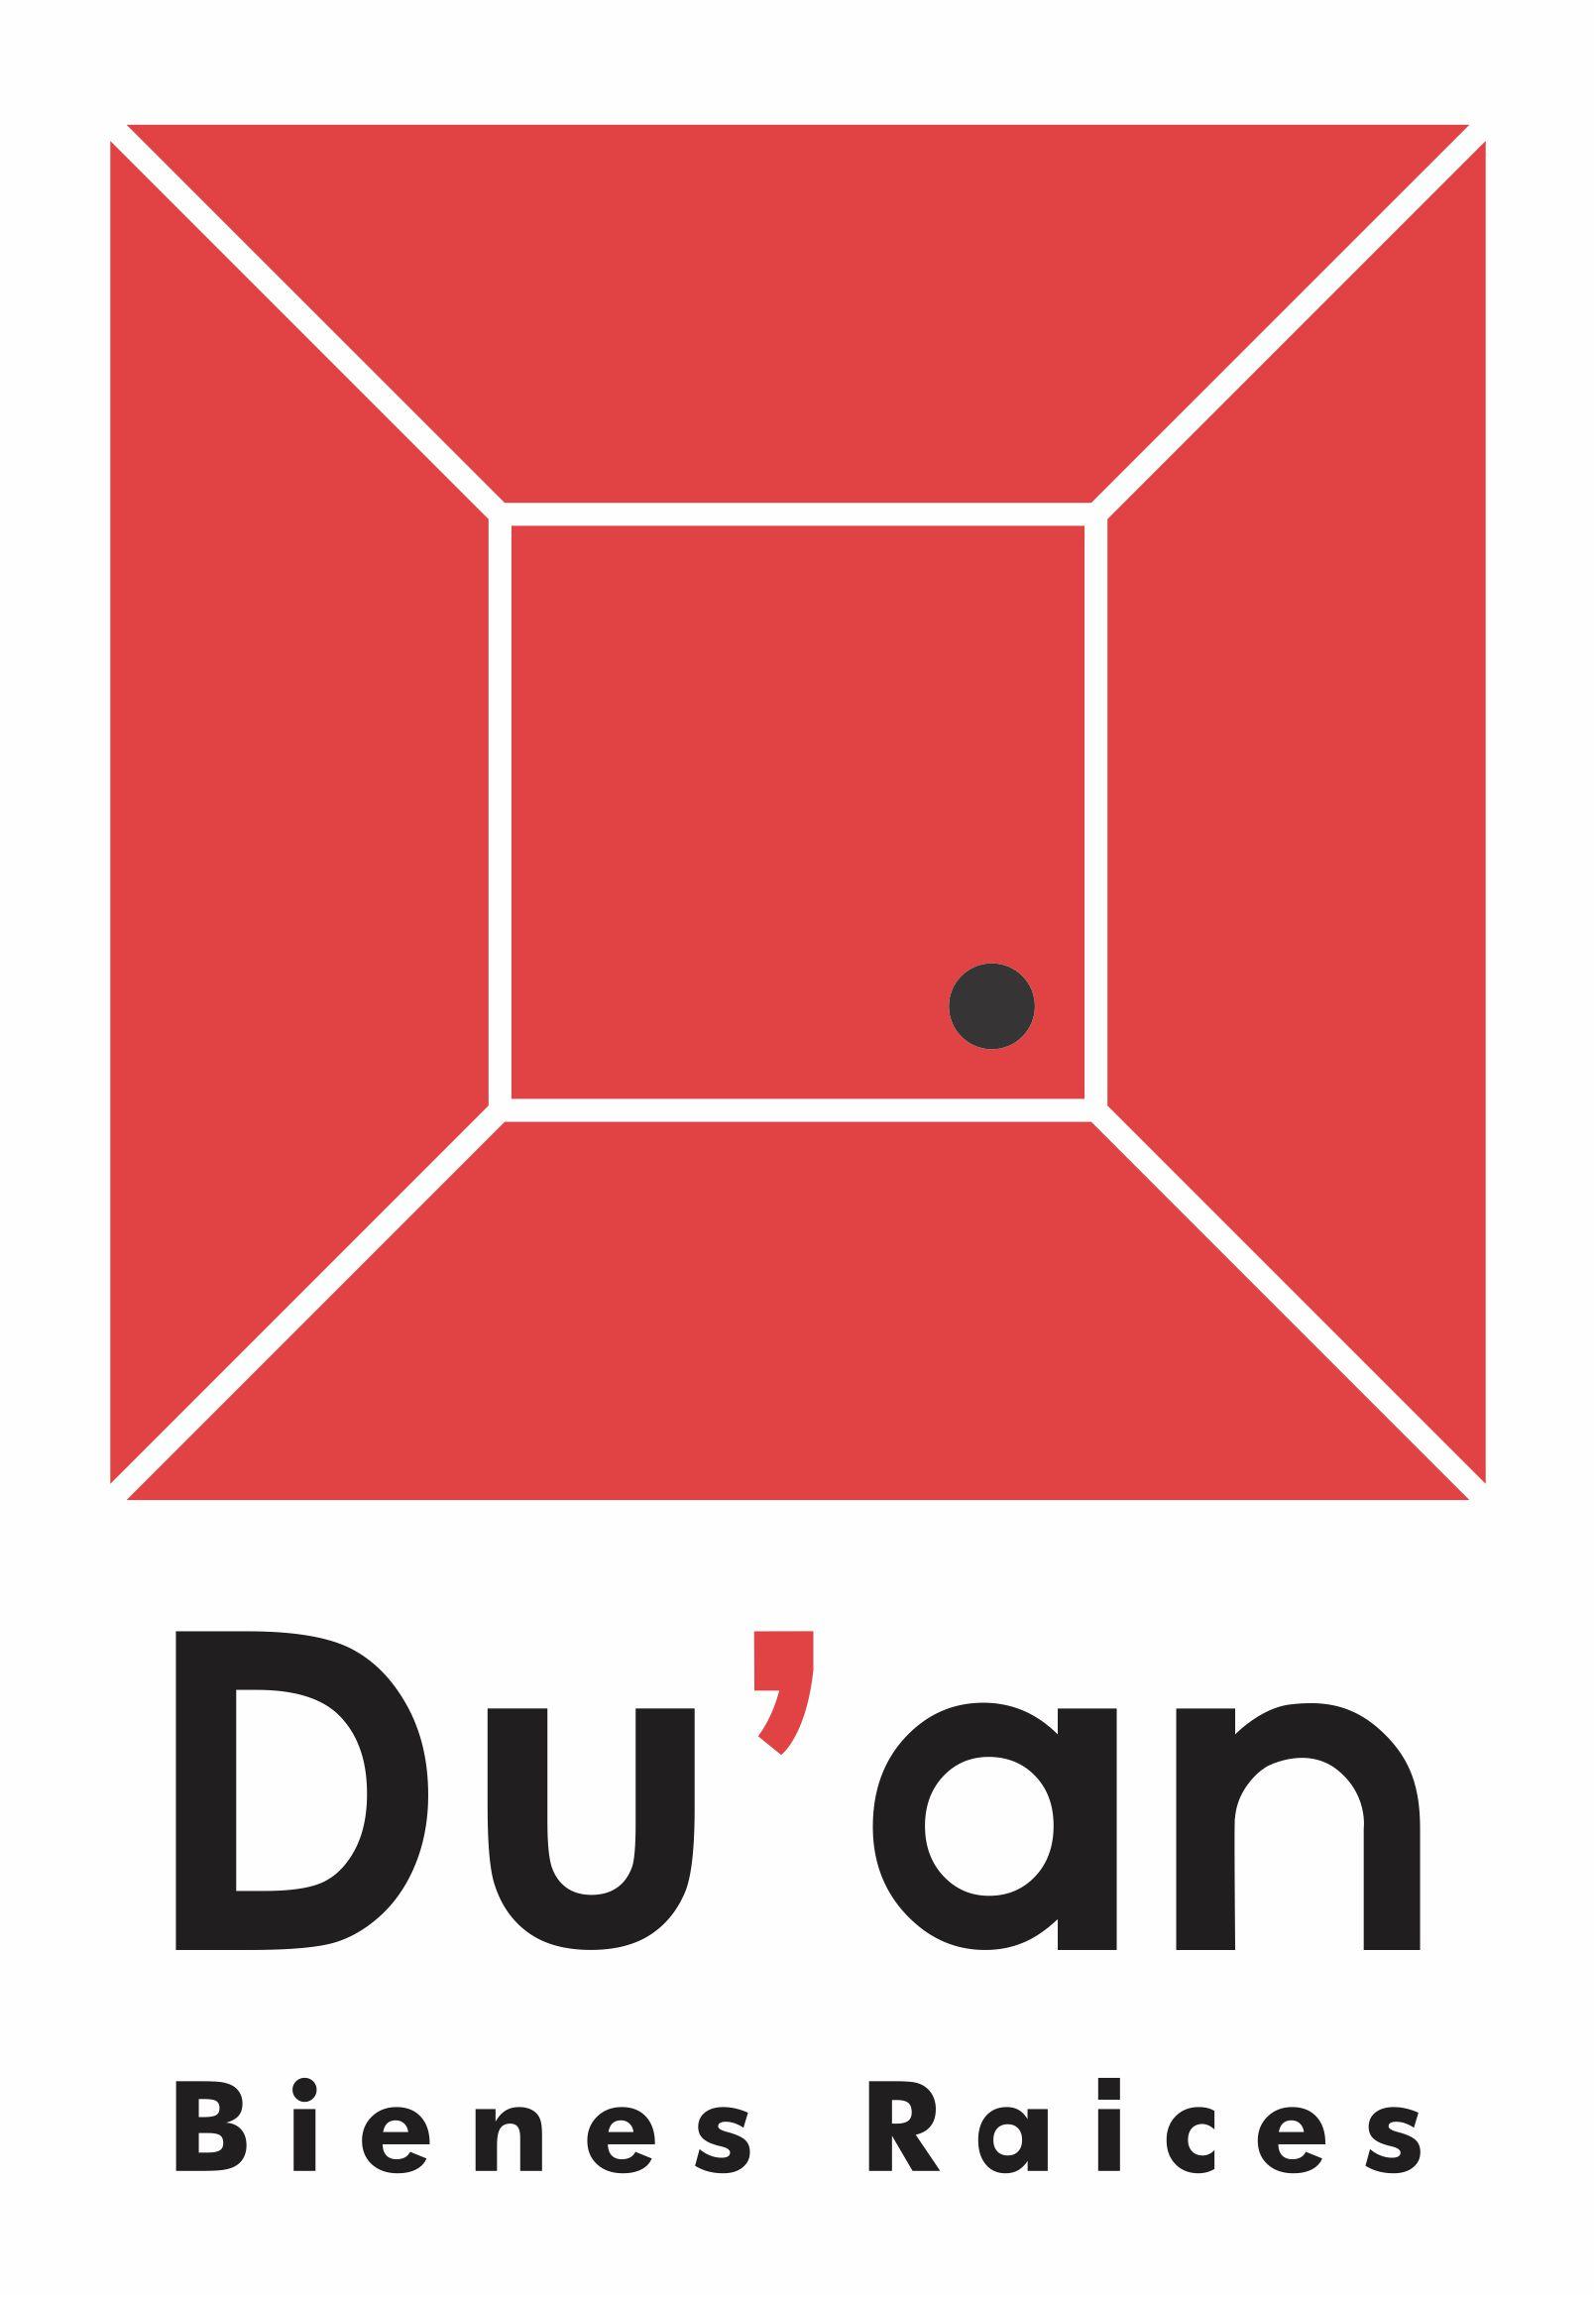 DUAN-BIENES-RAICES